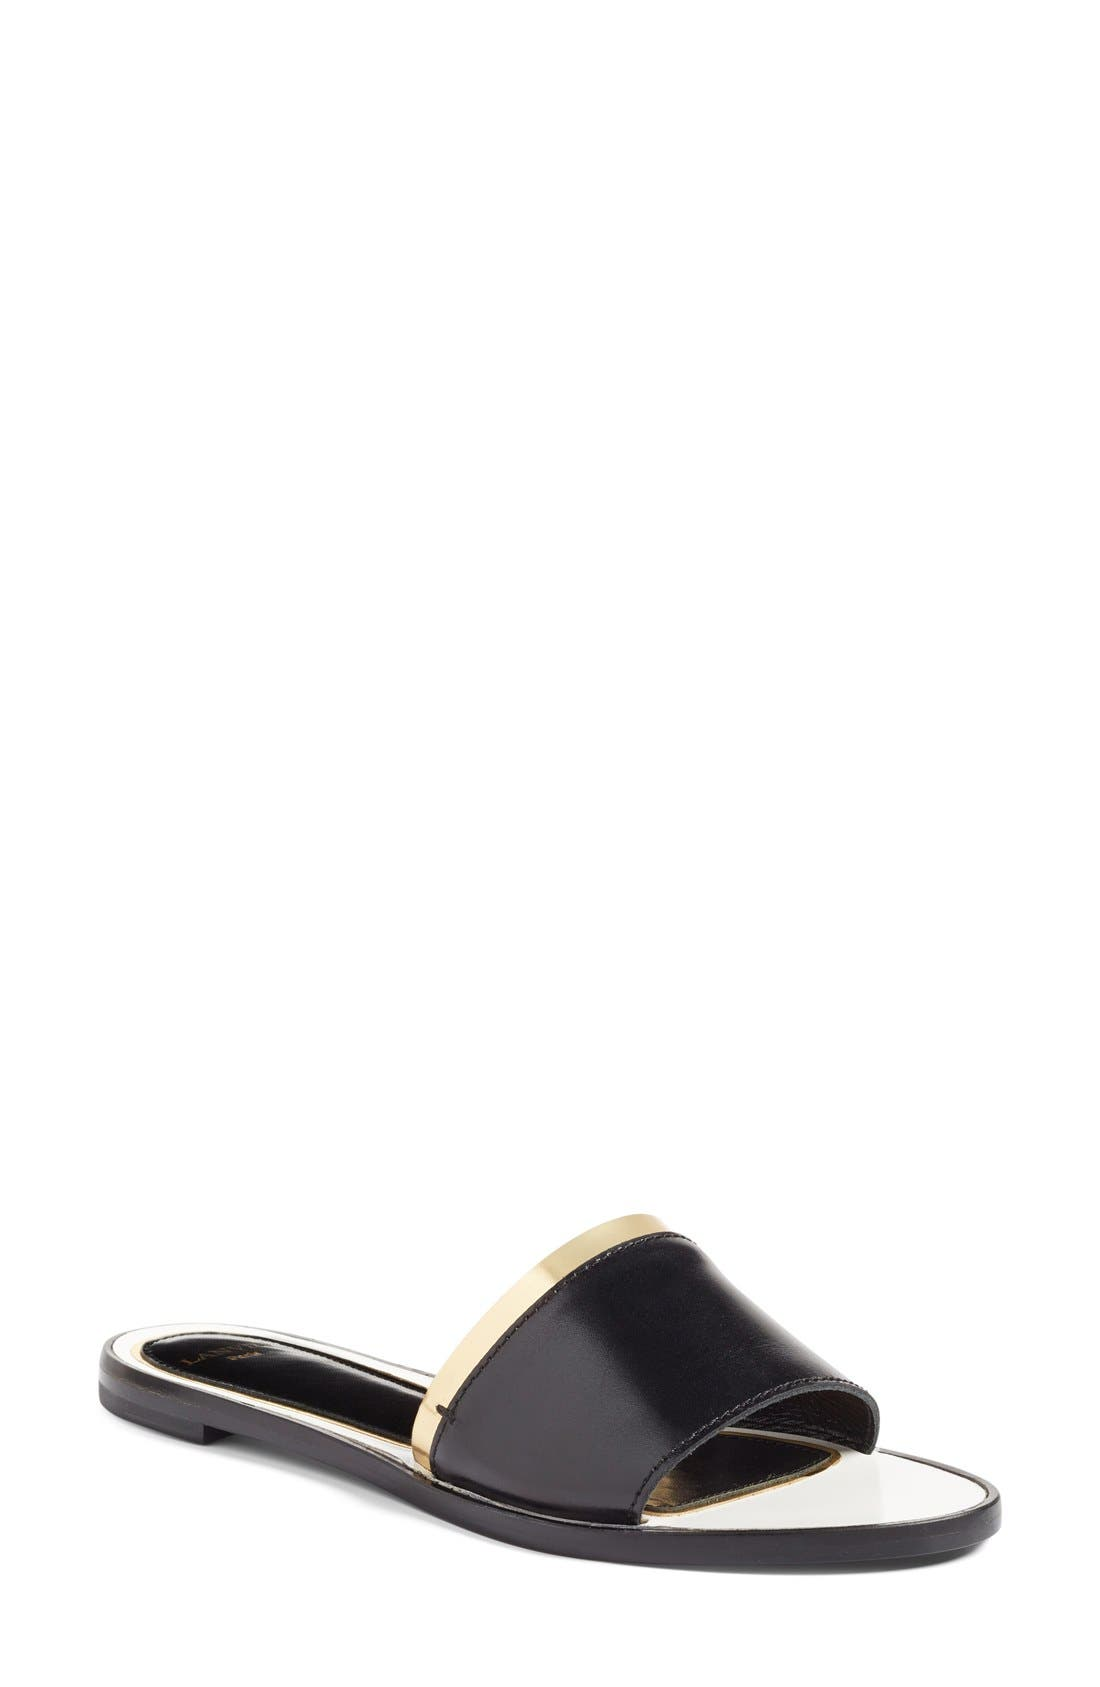 LANVIN Slide Sandal